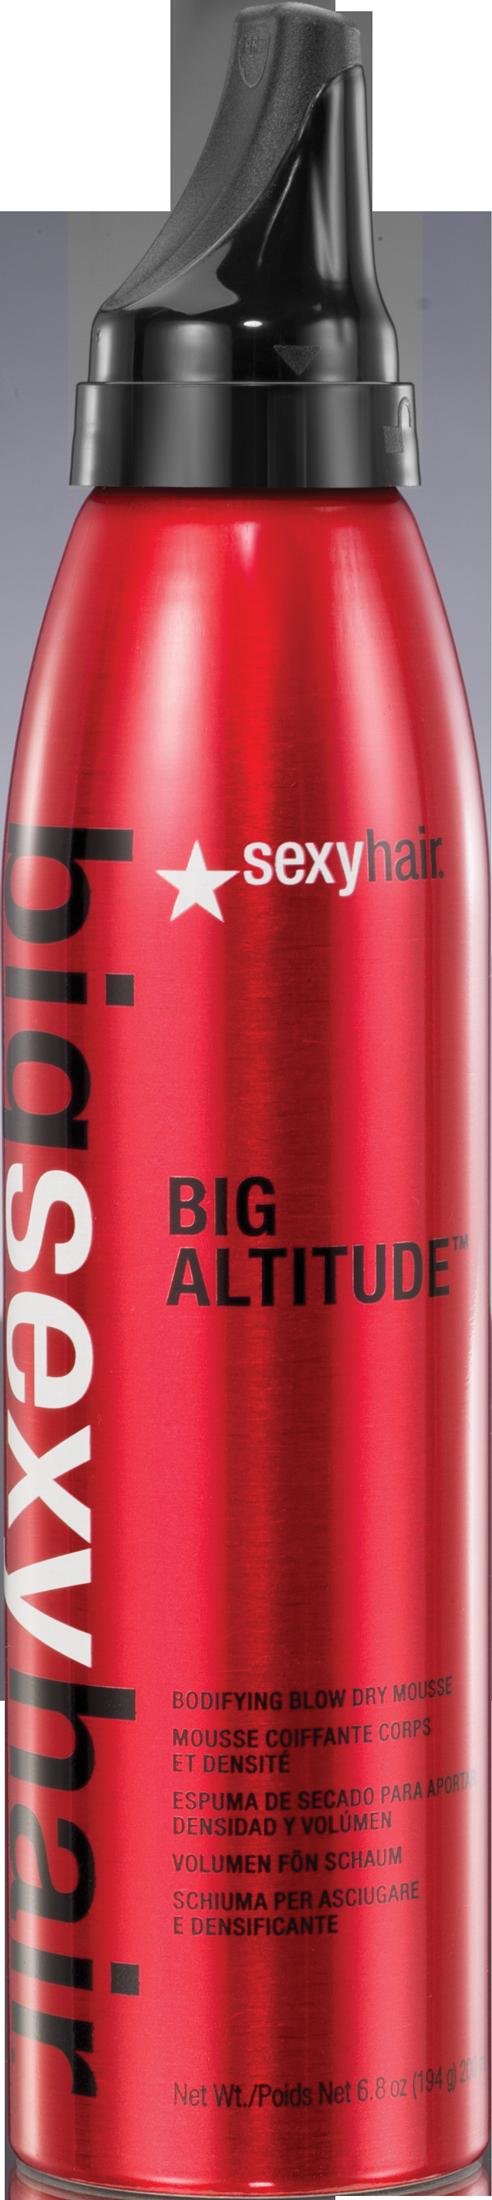 SEXY HAIR Мусс для подвижного объема / BIG 200мл -  Муссы